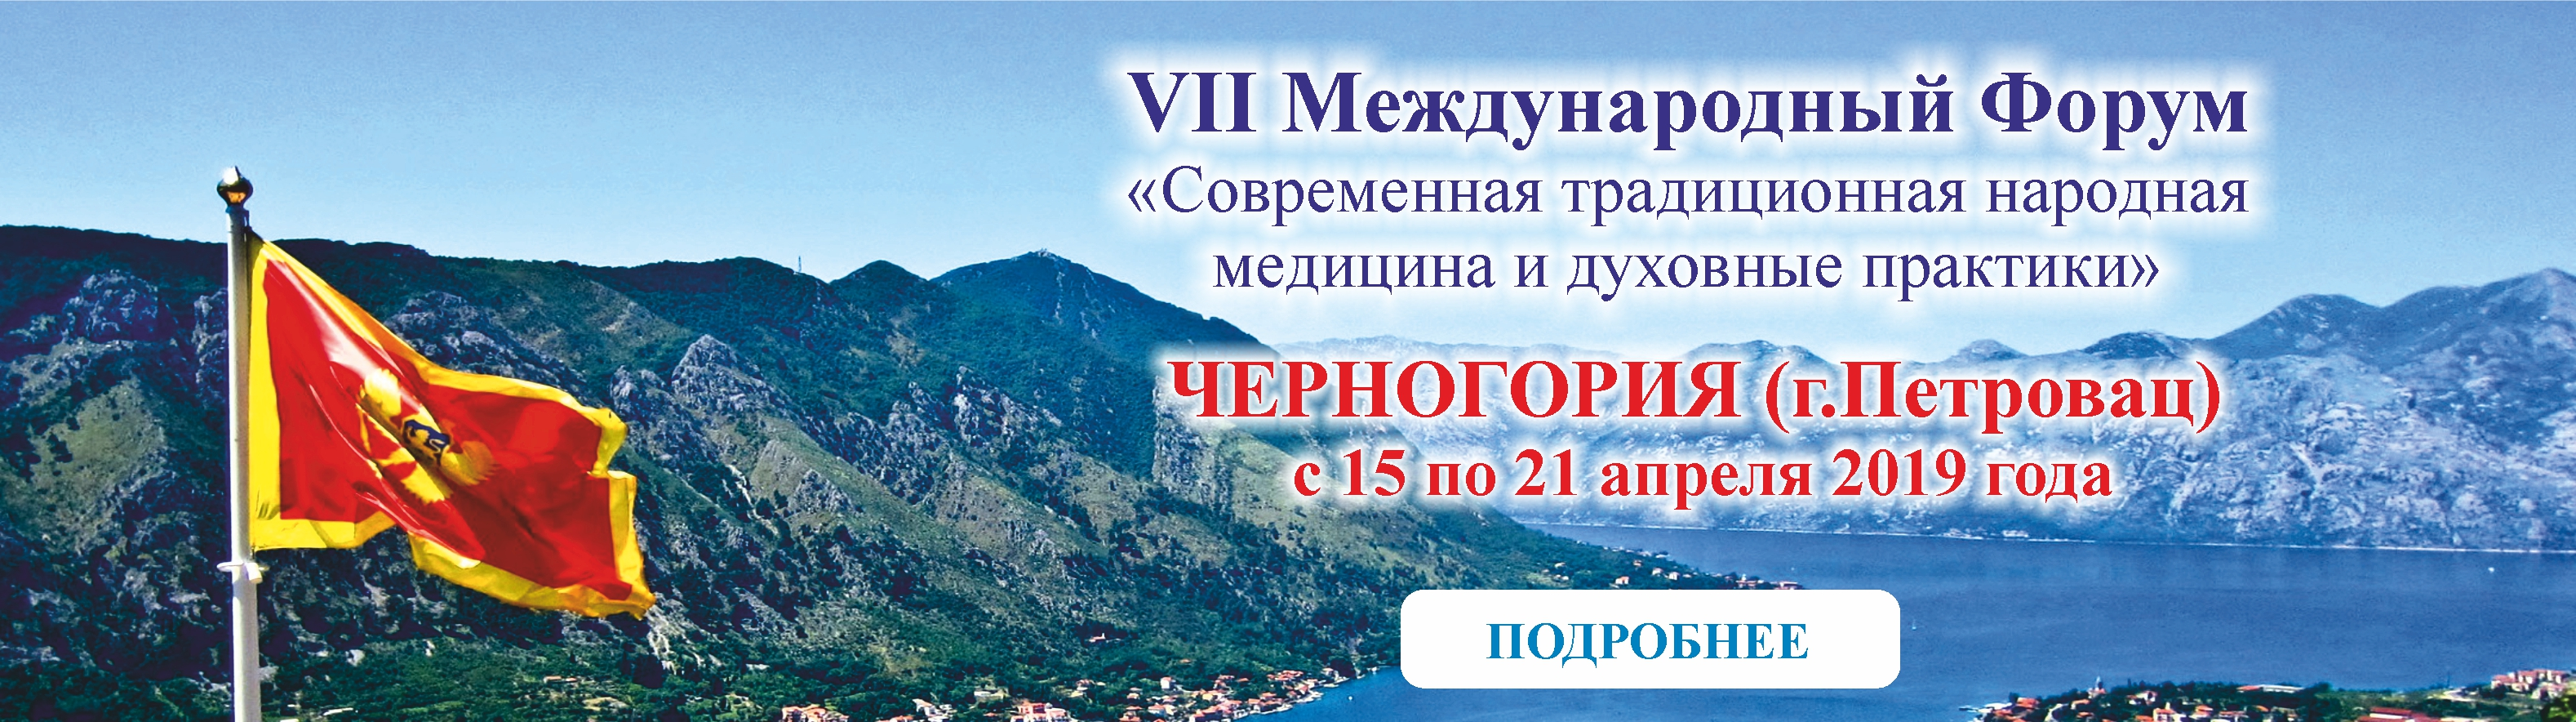 Сайта Черногория 1 - Для Сайта Черногория